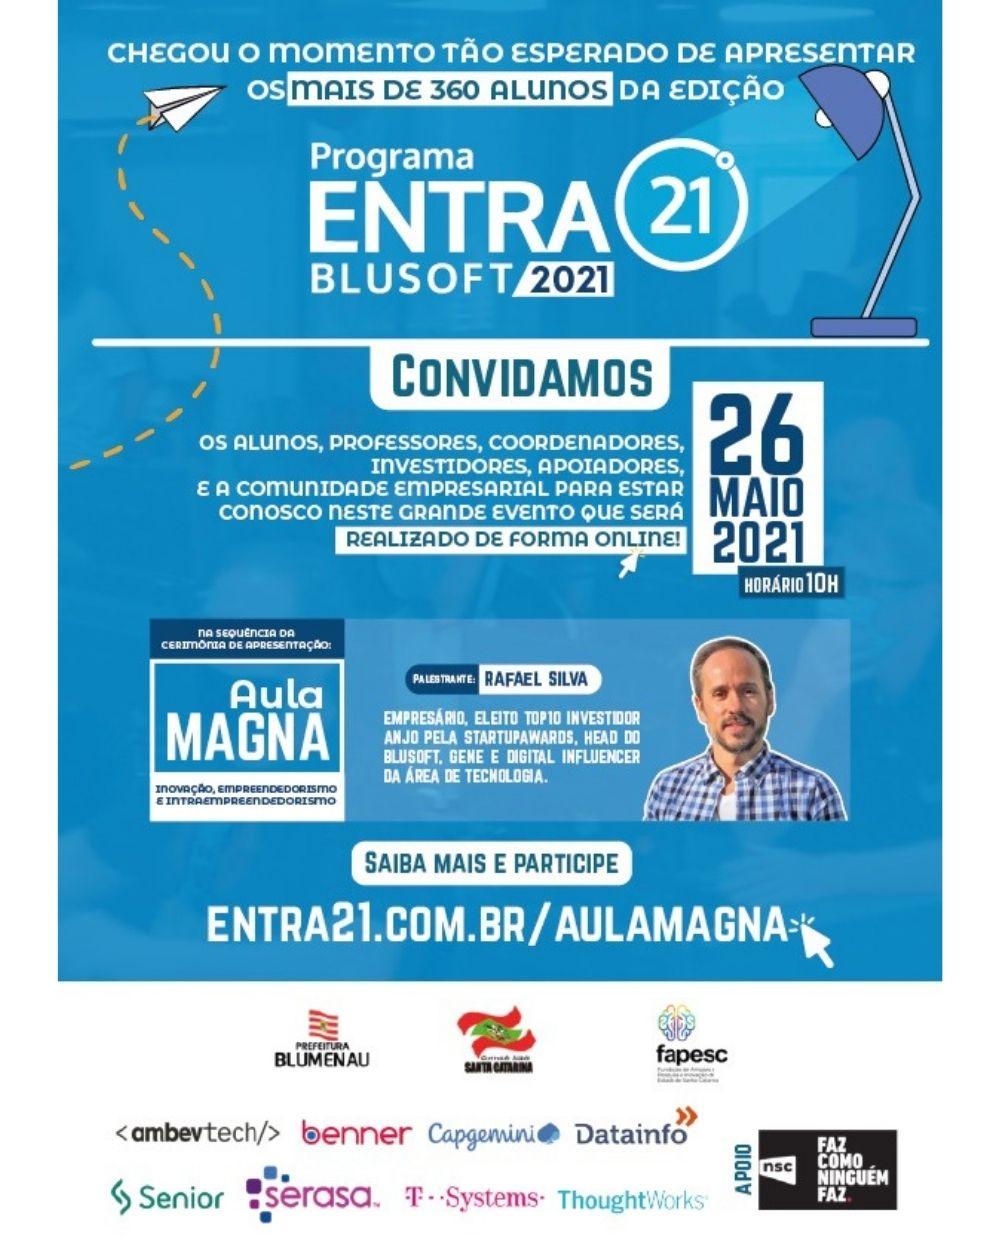 Evento de Apresentação dos Alunos da Edição 2021 e Aula Magna do Programa Entra21 acontecerão de forma Online